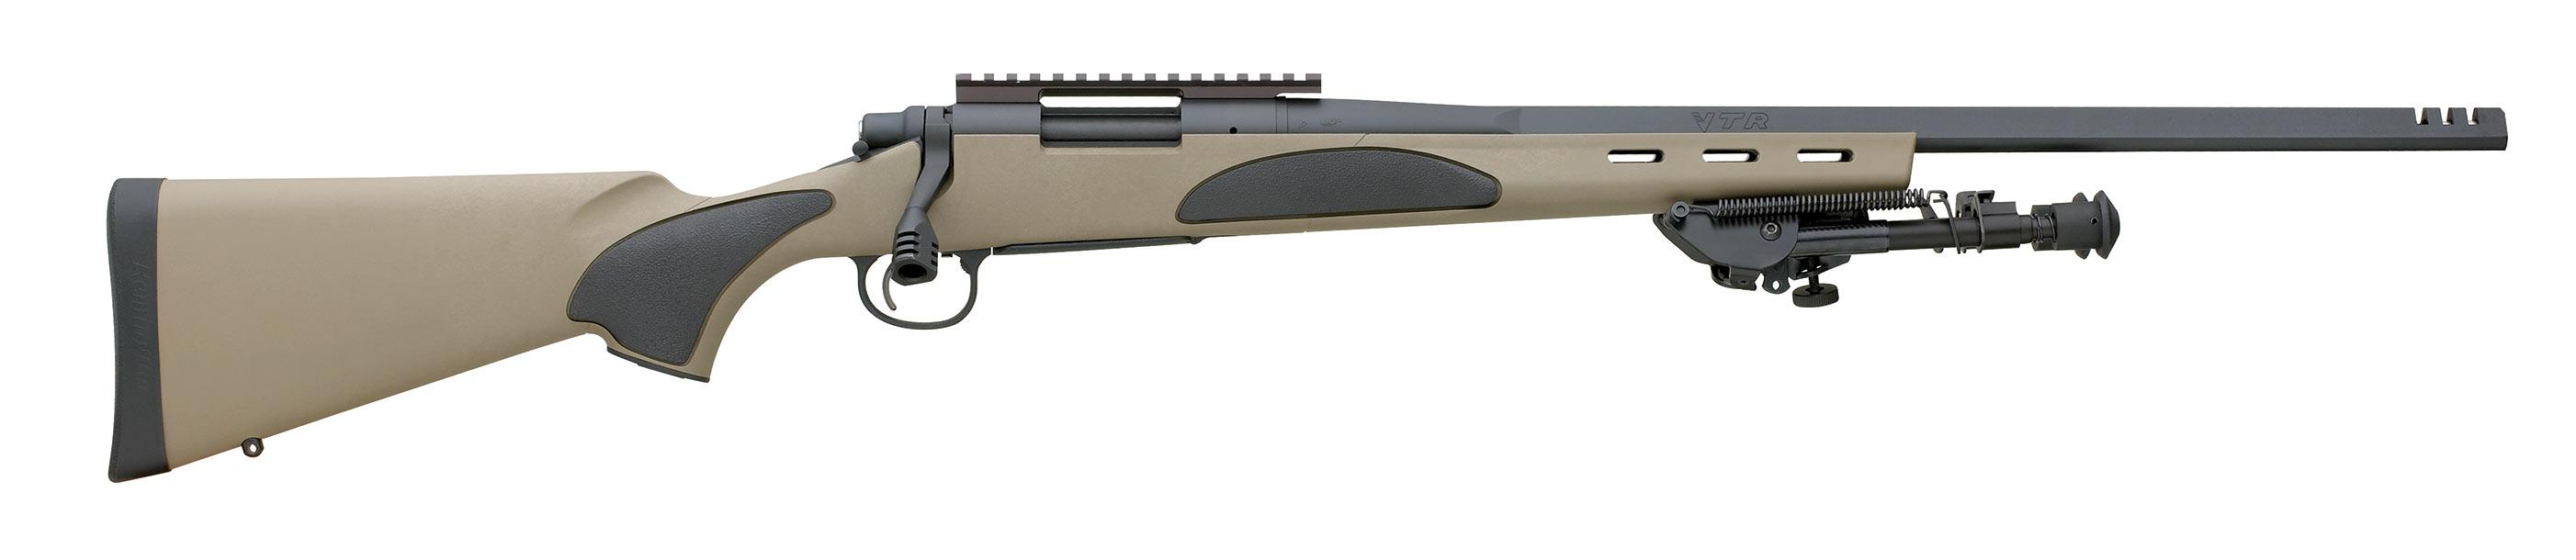 Remington 500